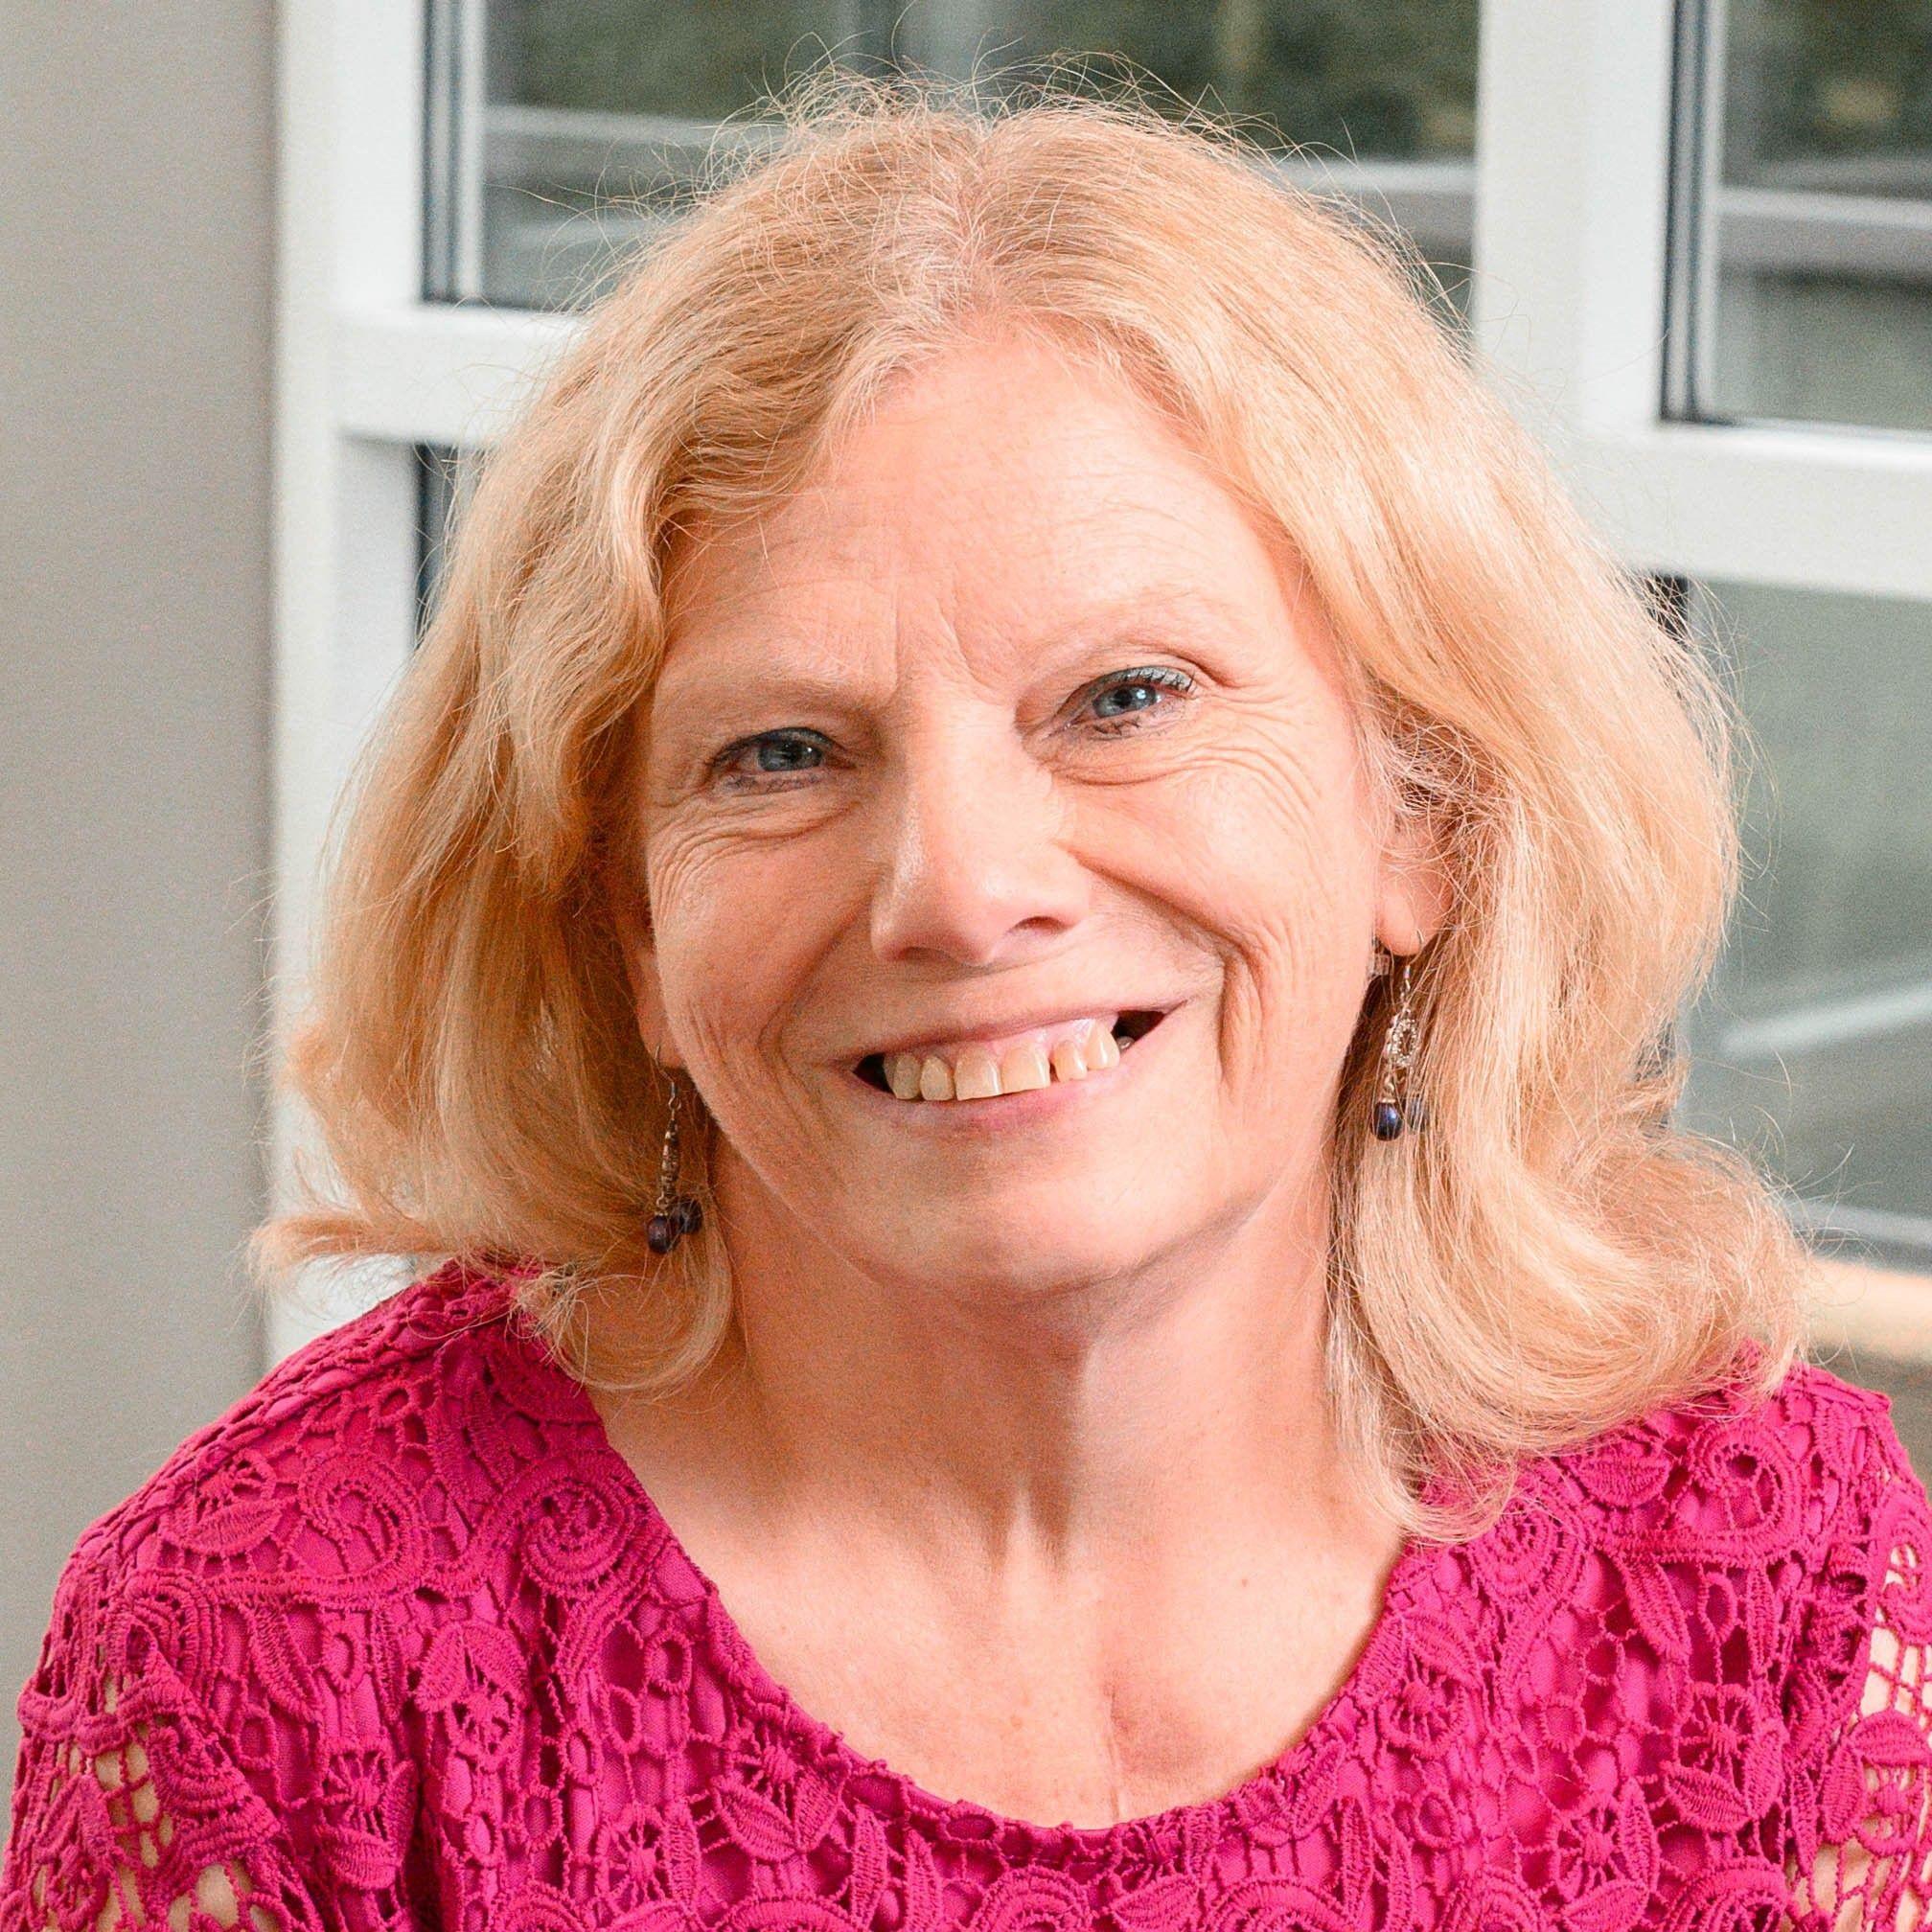 Cynthia Driggs